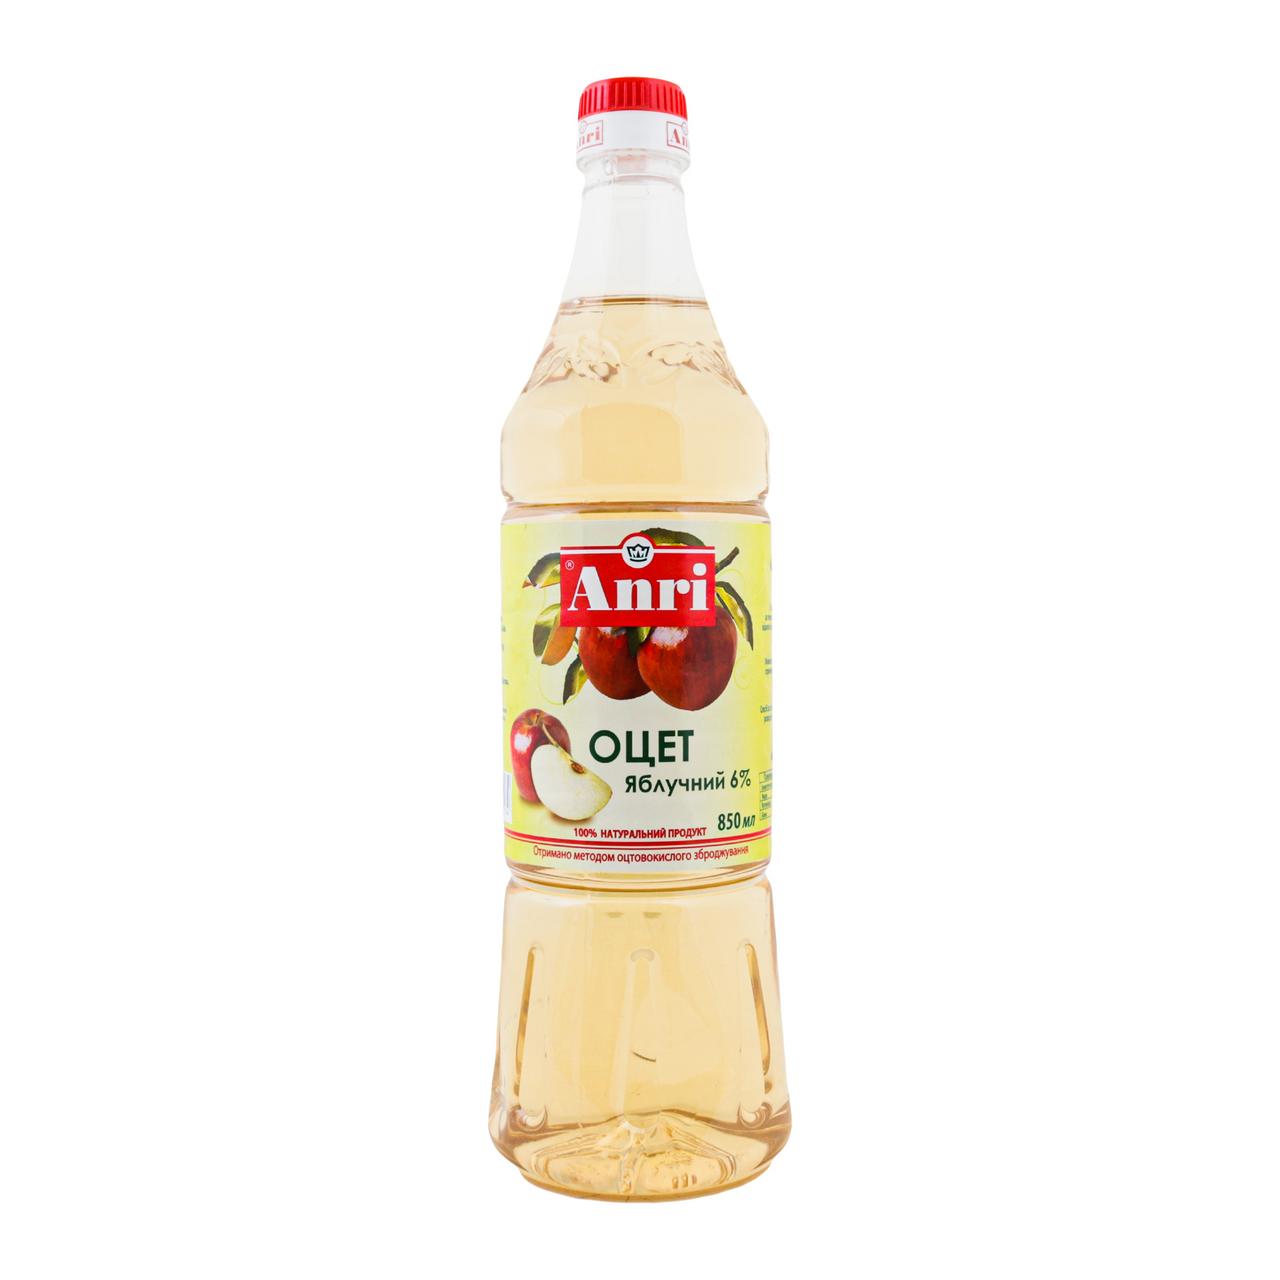 Оцет Anri яблучний 6% 850мл